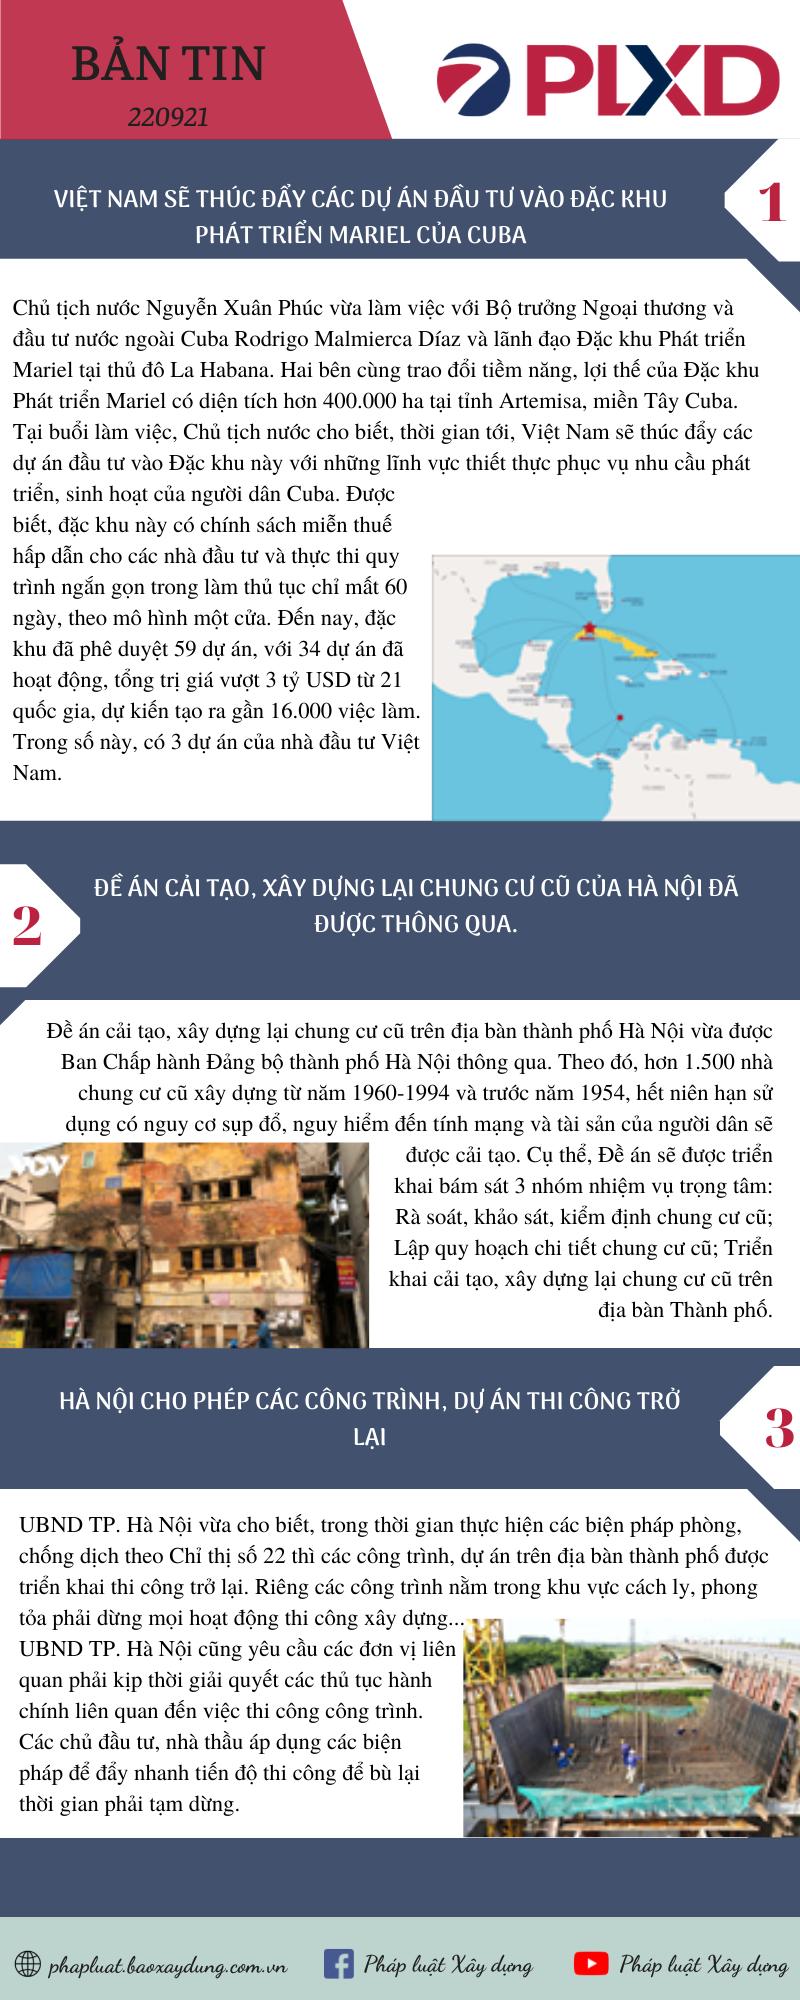 ban tin phap luat xay dung infographics 229